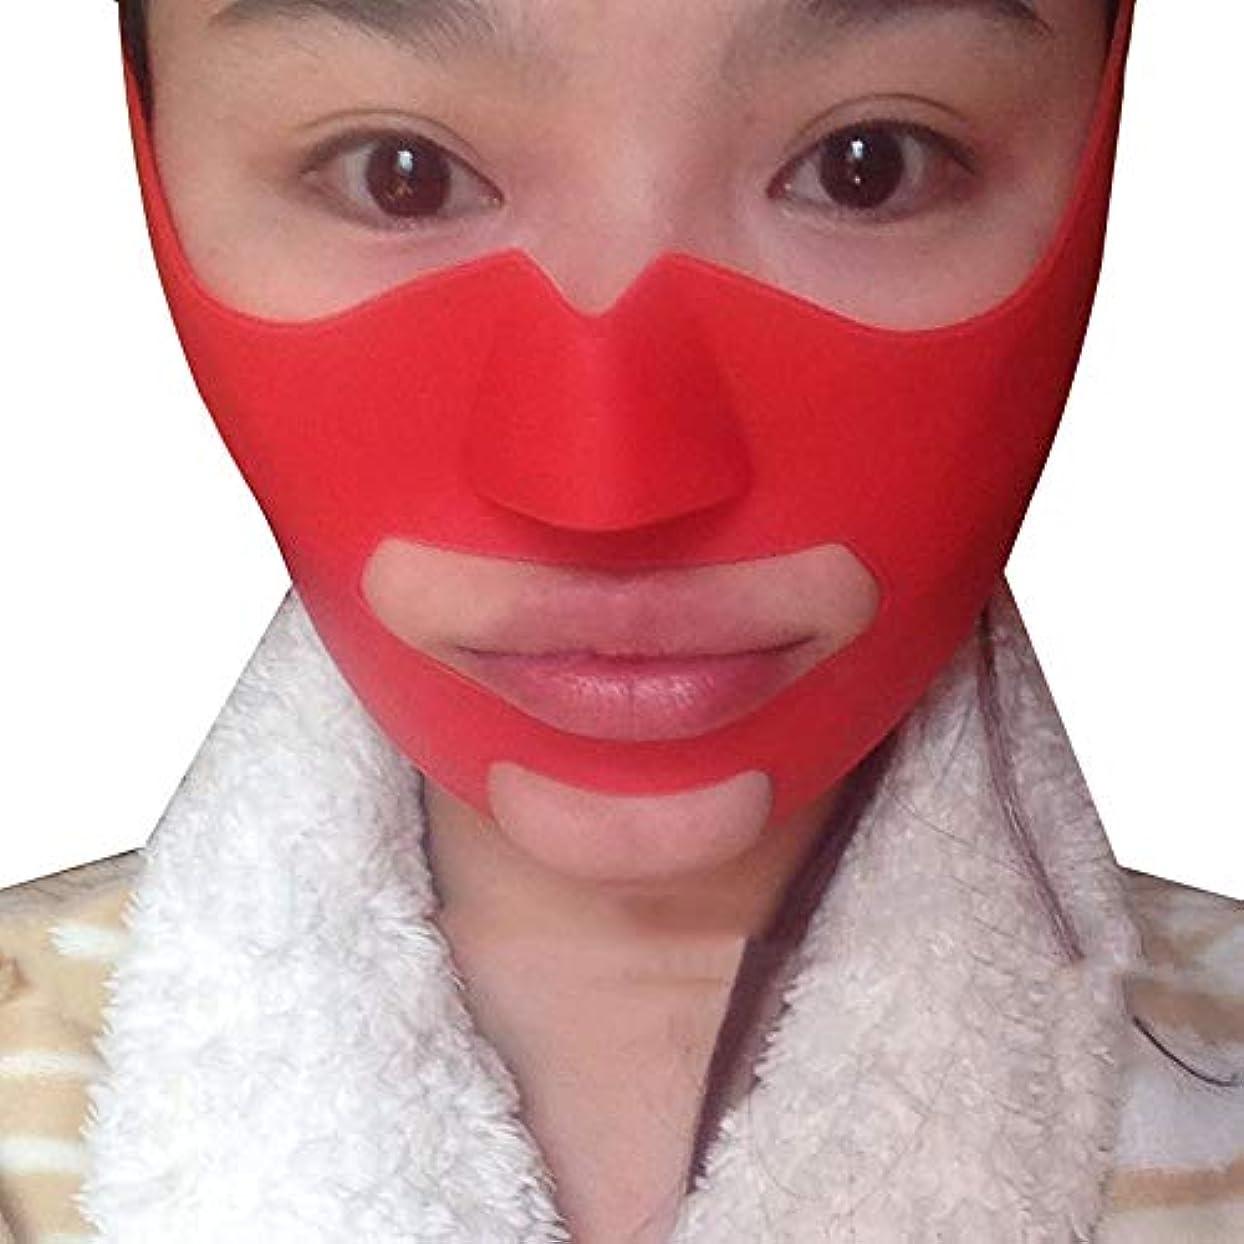 願望る盆地スモールV顔アーティファクト、法柄細身の顔面絆創膏/(赤)